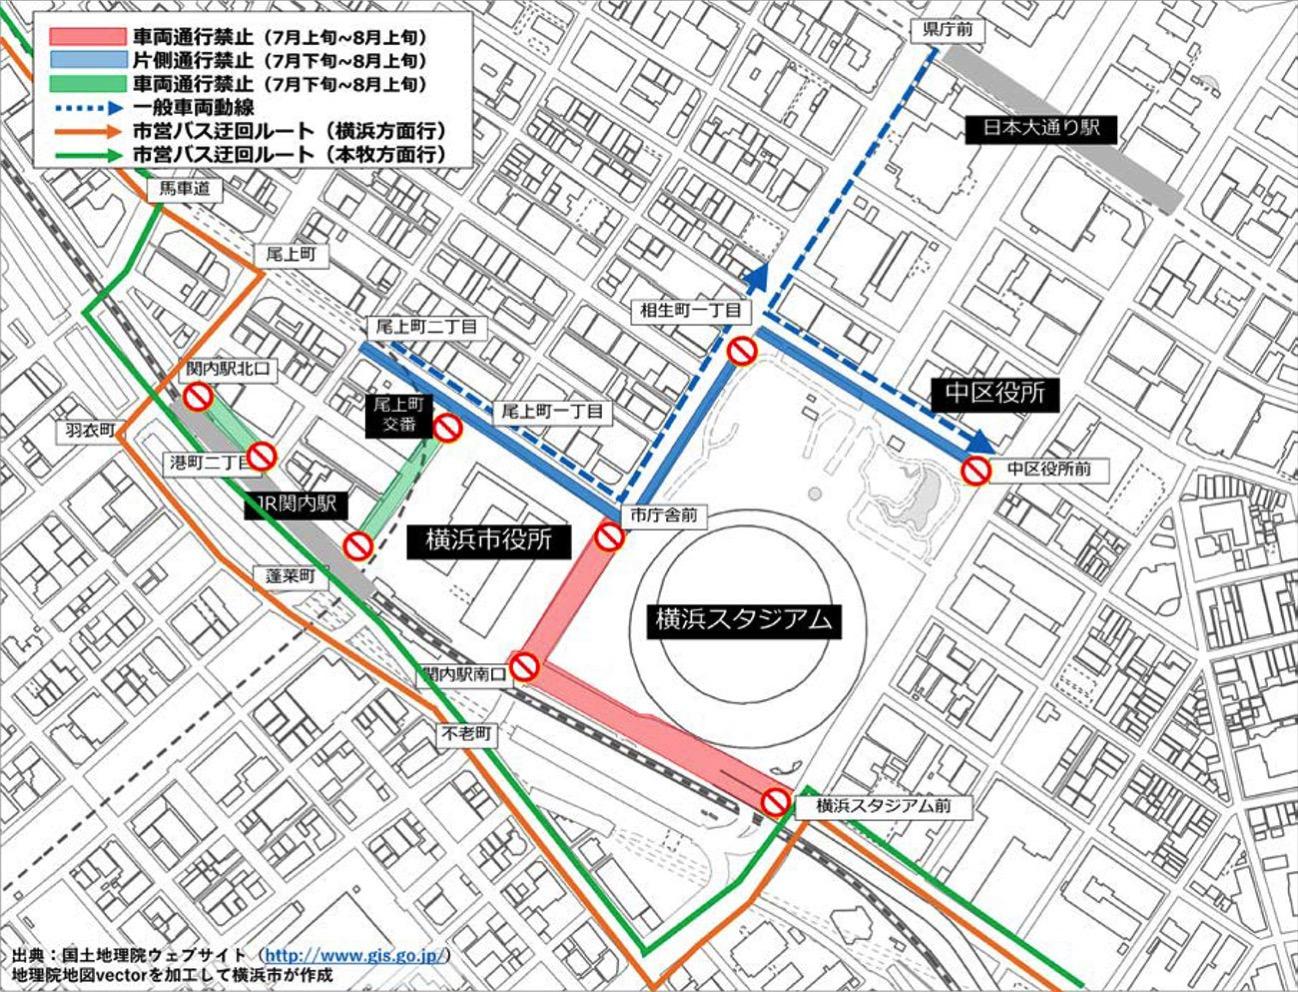 横浜スタジアム周辺の交通規制